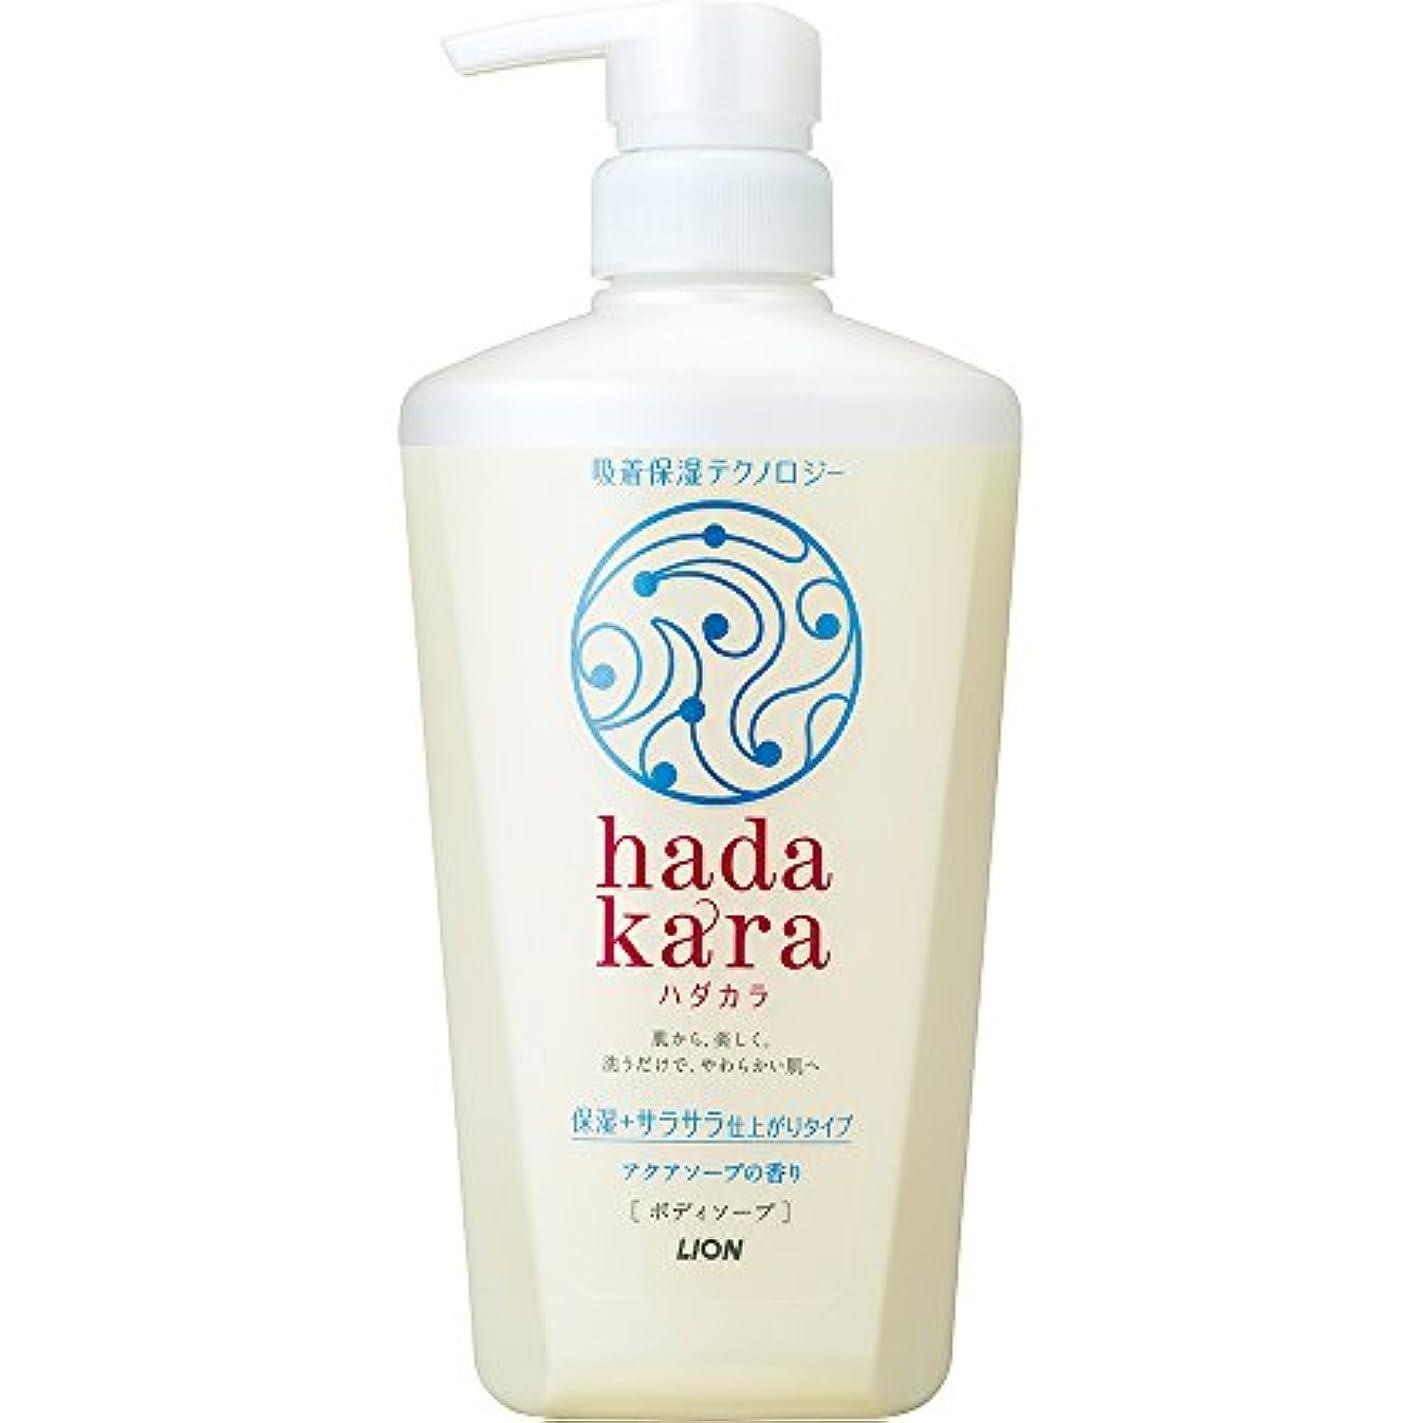 公園採用細いhadakara(ハダカラ) ボディソープ 保湿+サラサラ仕上がりタイプ アクアソープの香り 本体 480ml